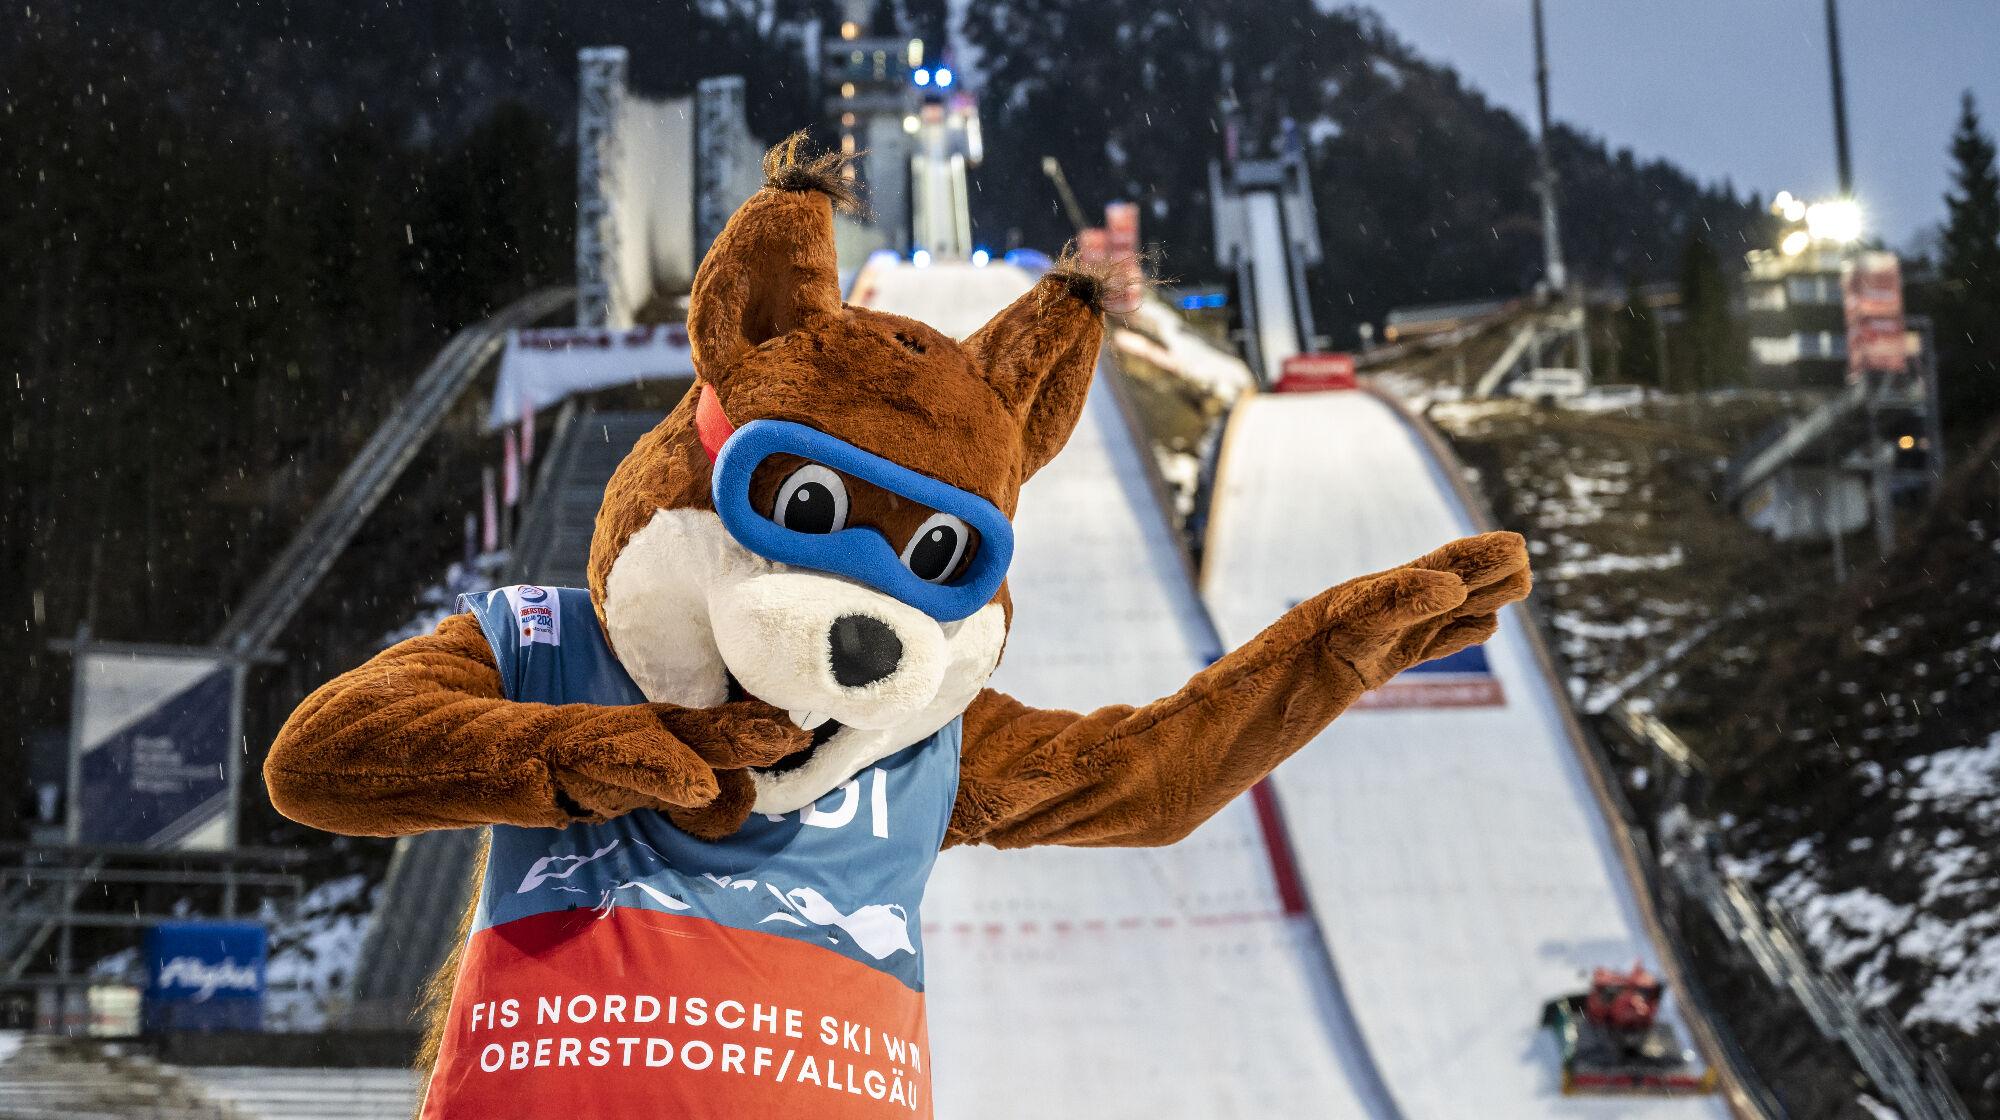 Nordi, das Maskottchen der Nordischen Ski-WM 2021